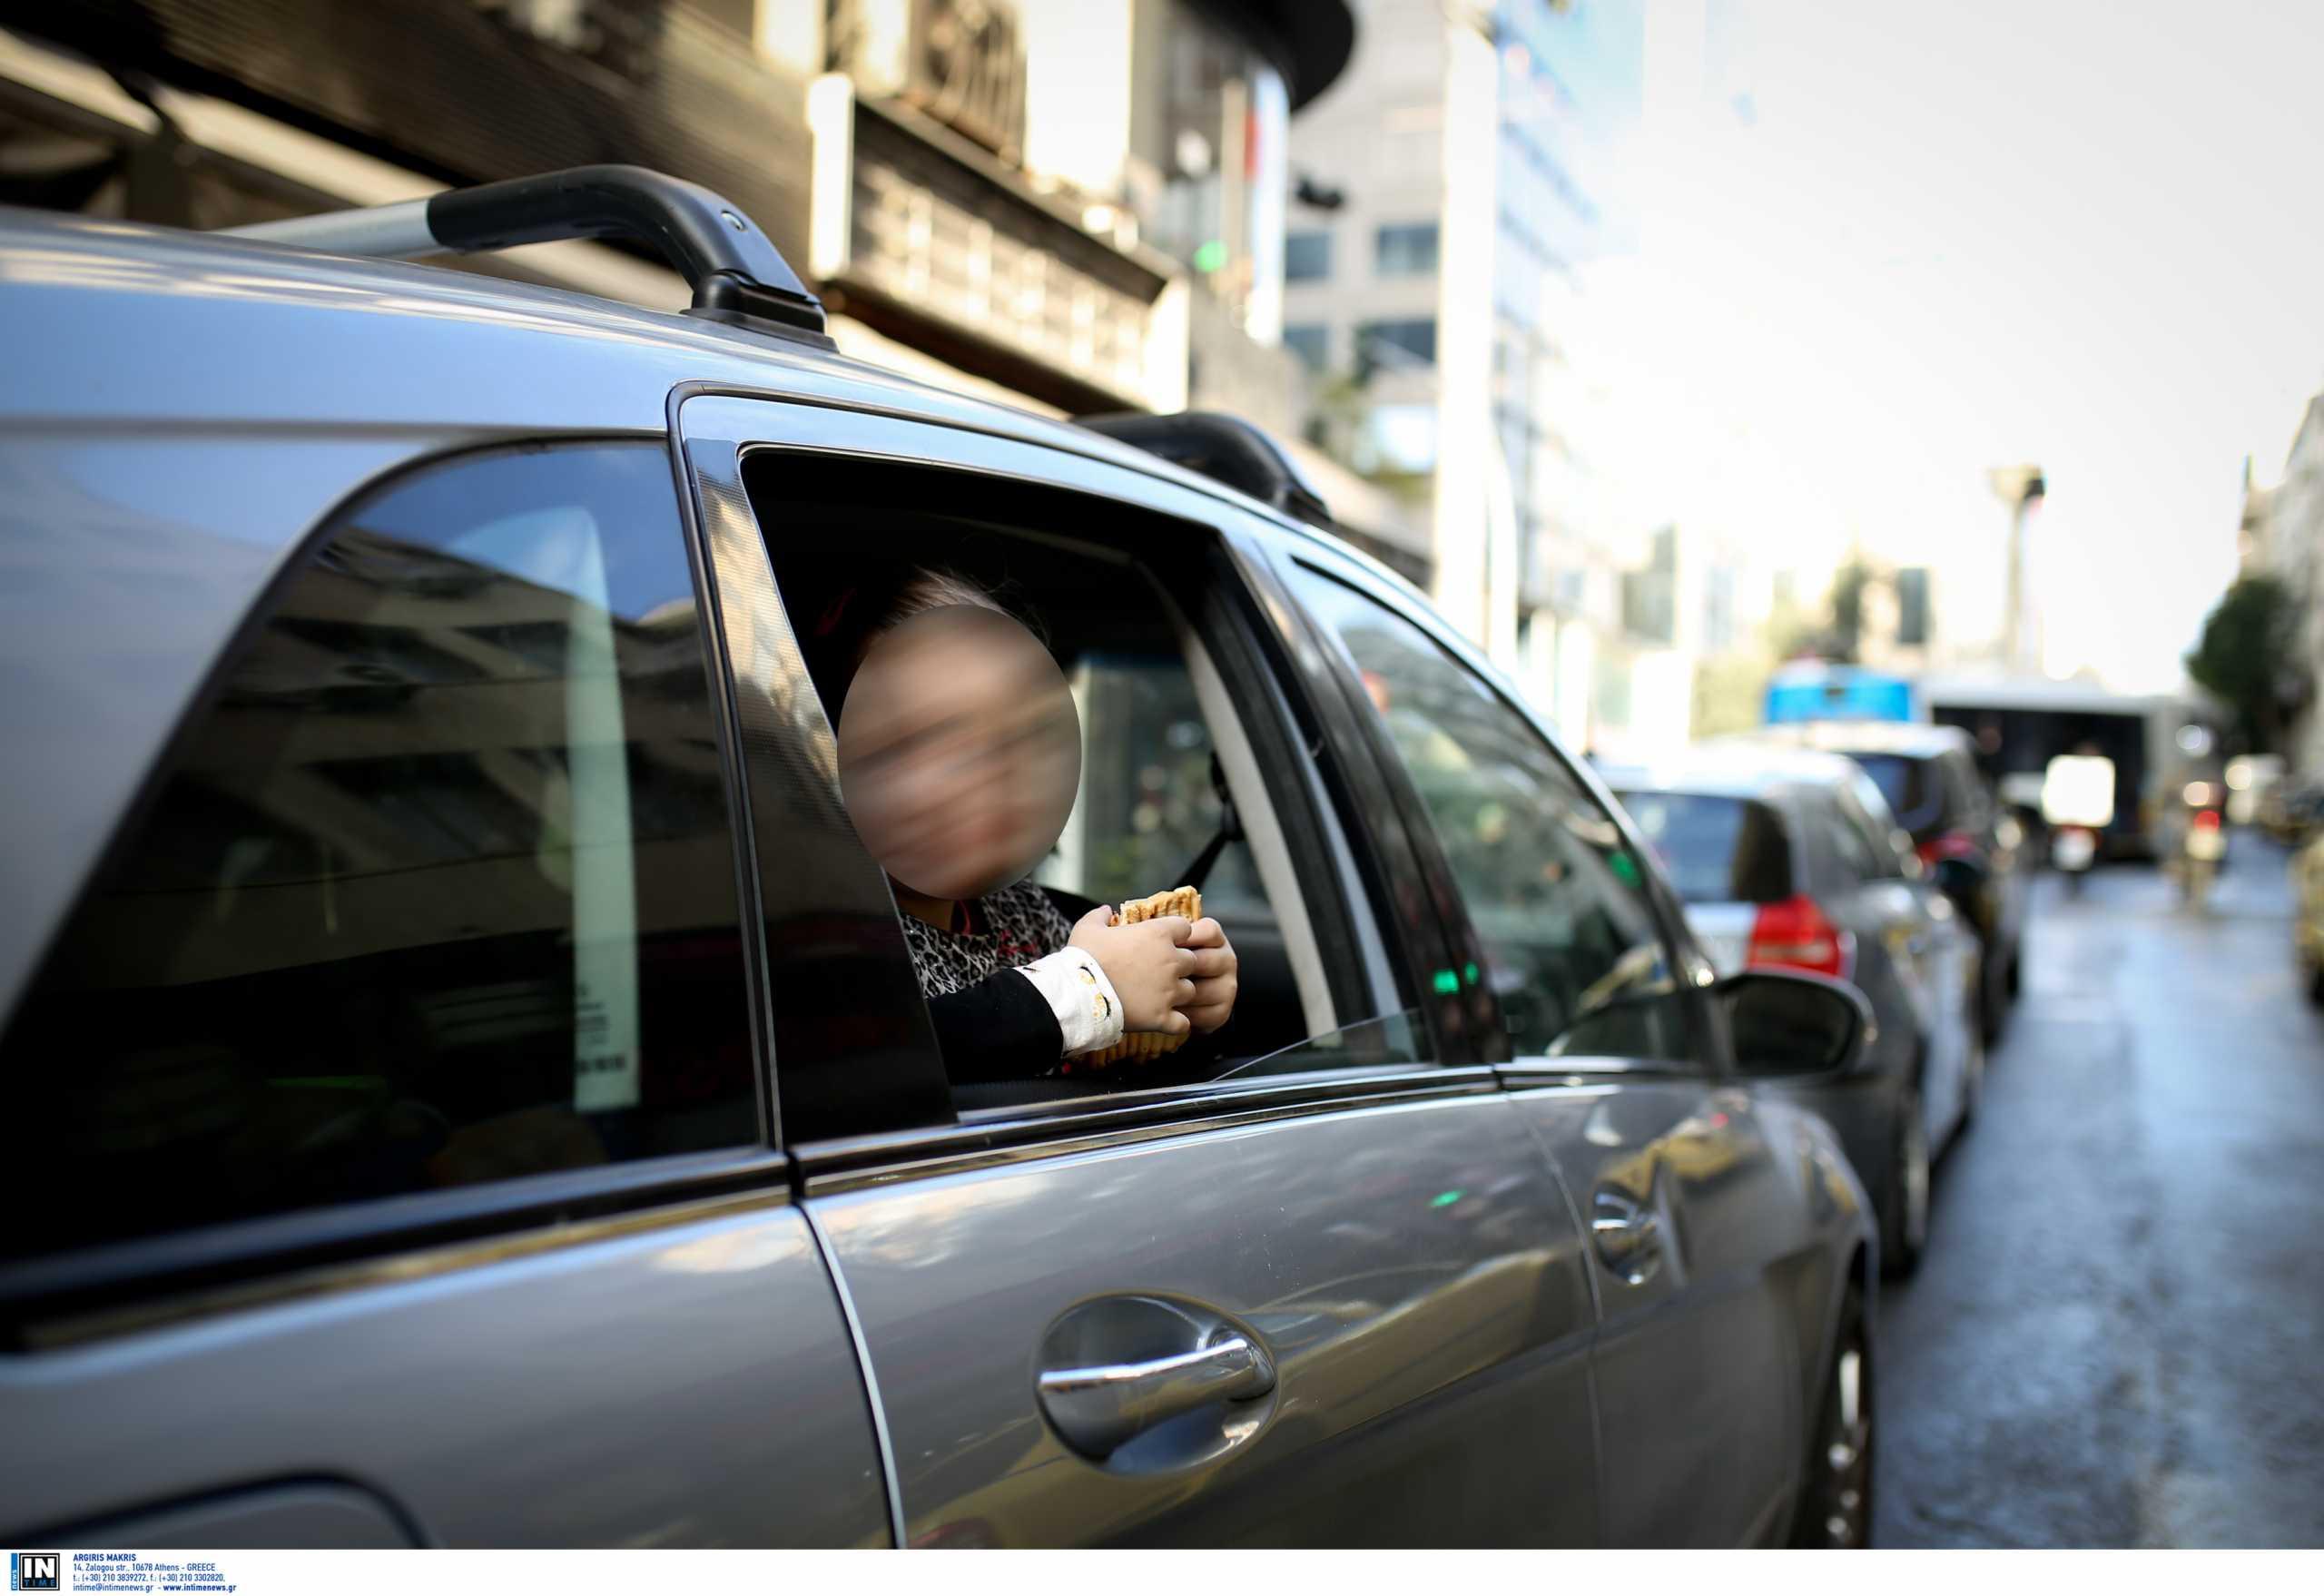 Κινδυνεύουν τα παιδιά στο αυτοκίνητο το καλοκαίρι – Πόσο υπερθερμαίνεται το σώμα τους